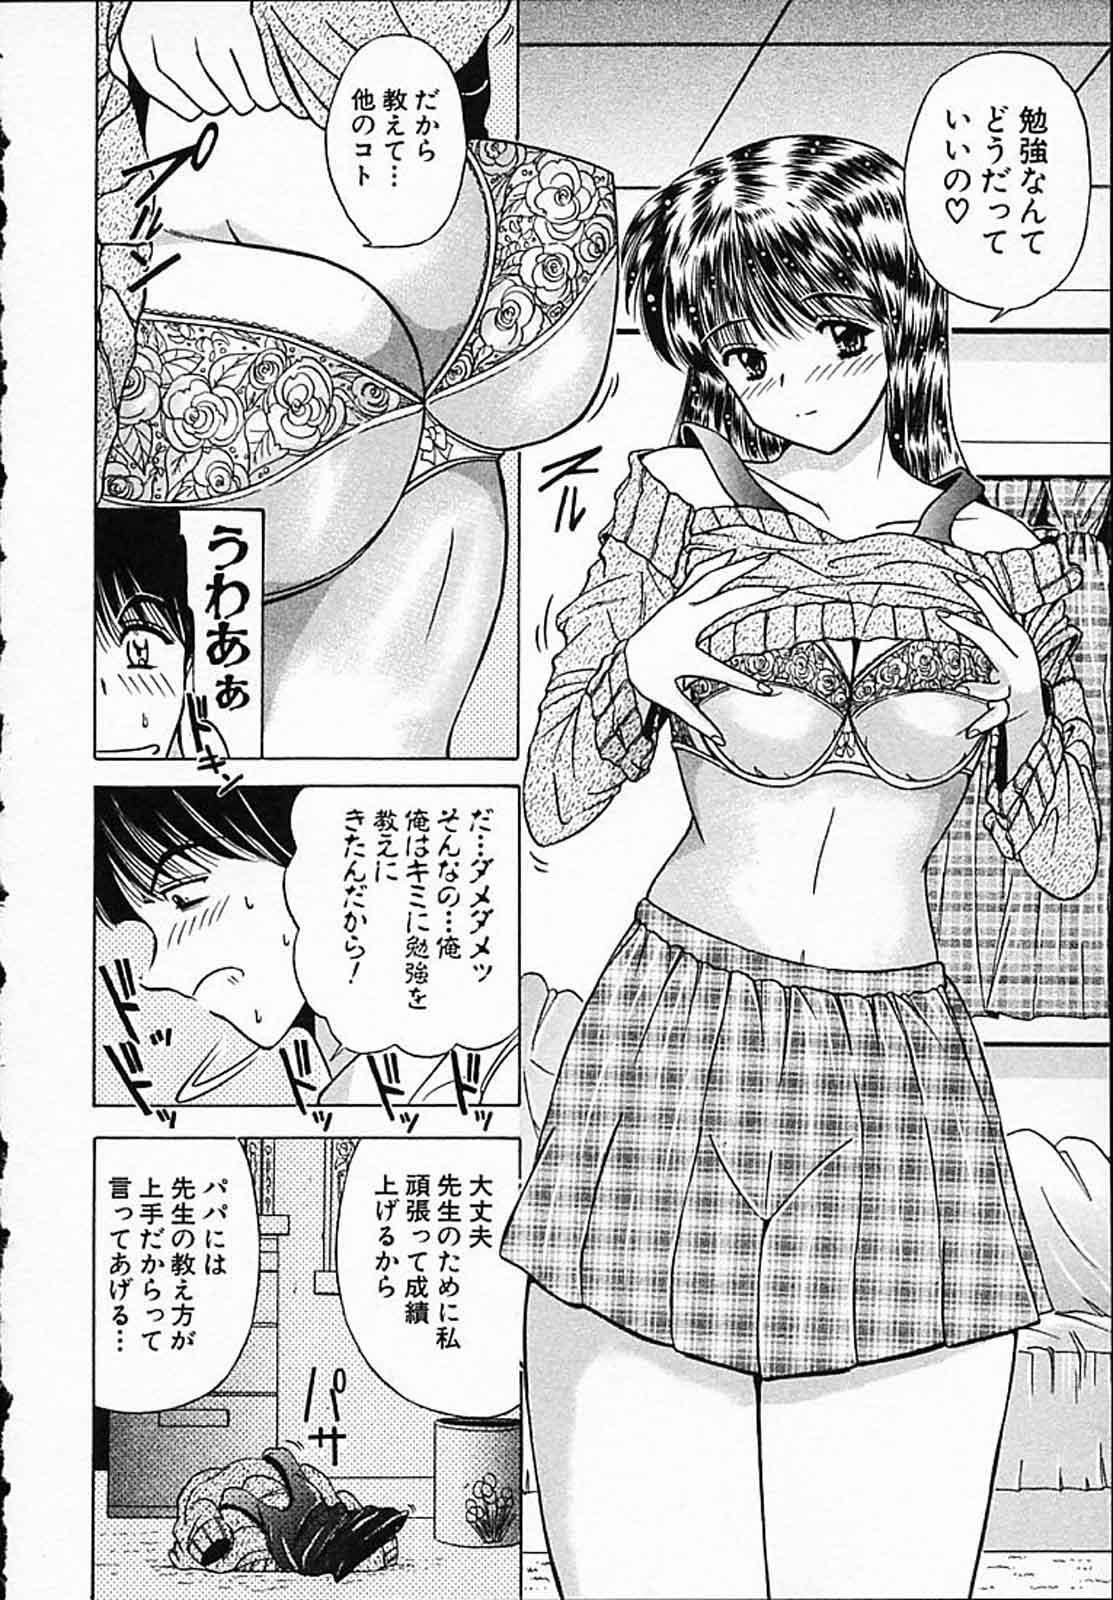 Hiyokko Nurse! 66